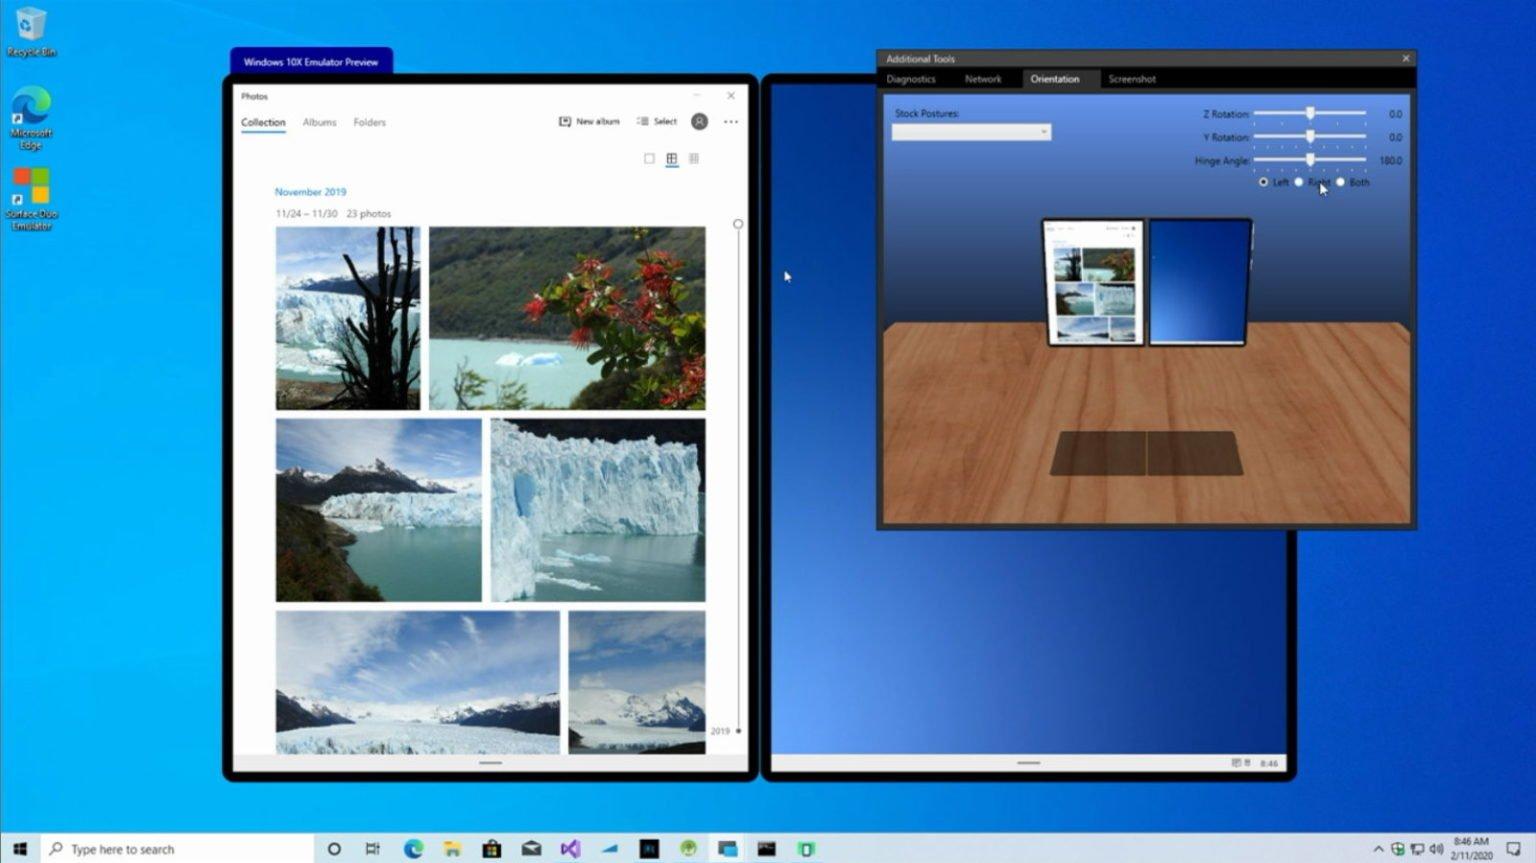 El emulador de Windows 10X